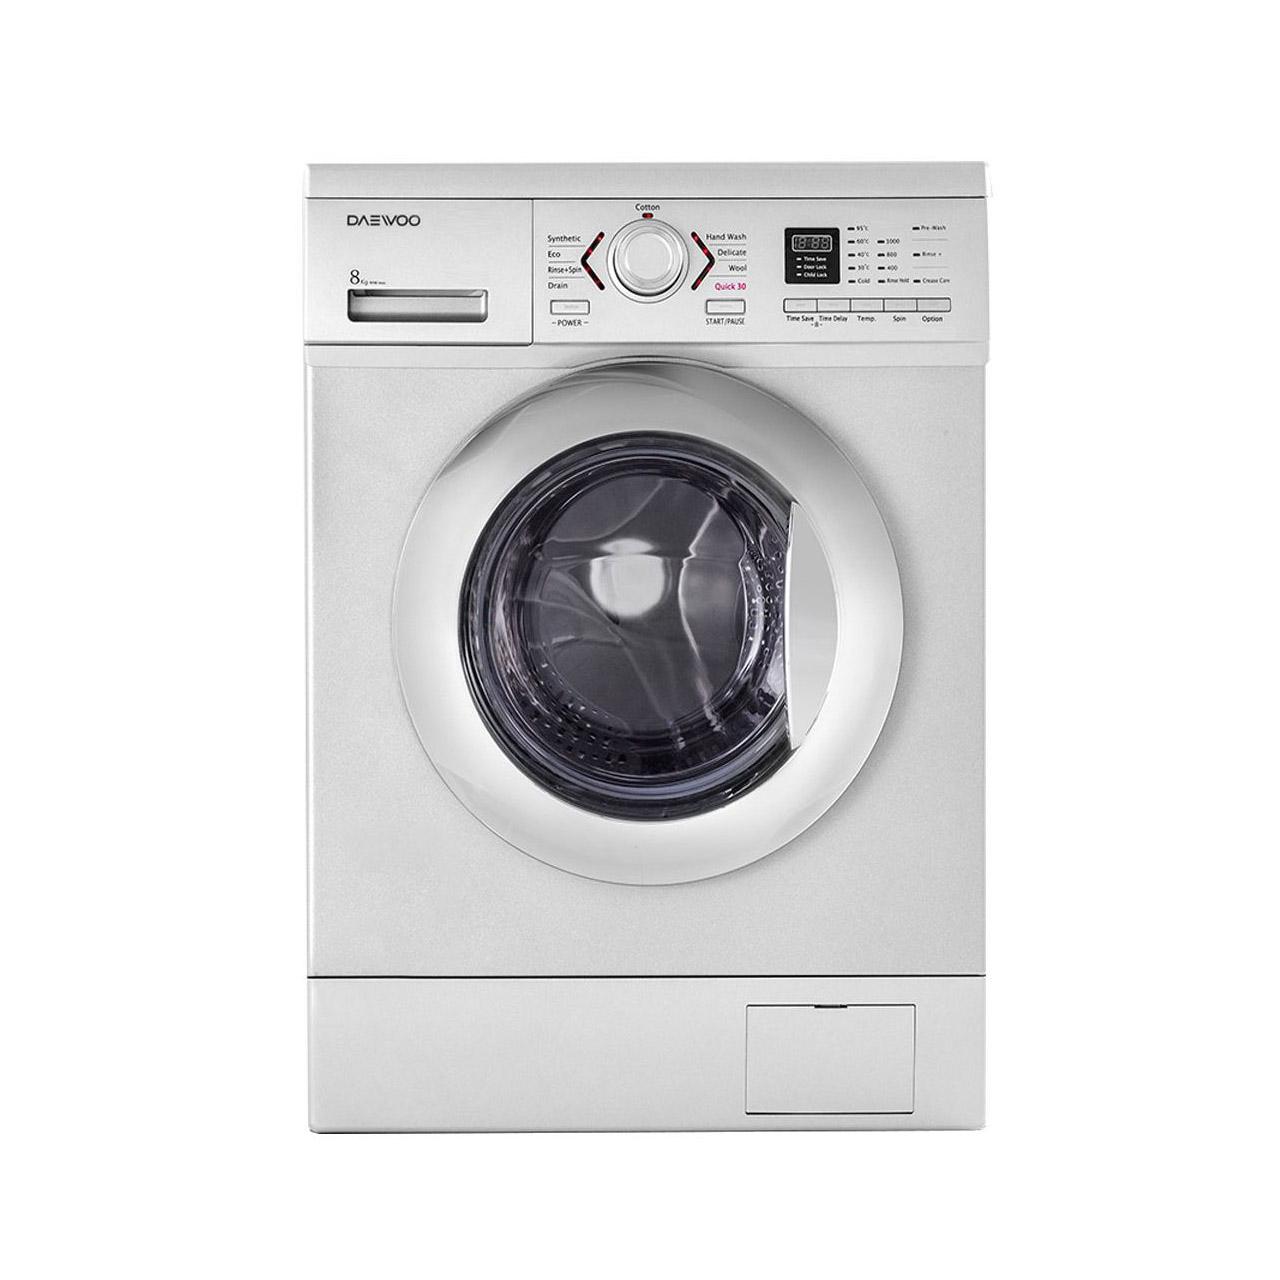 ماشین لباسشویی دوو مدل DWK-8410 ظرفیت 8 کیلوگرم